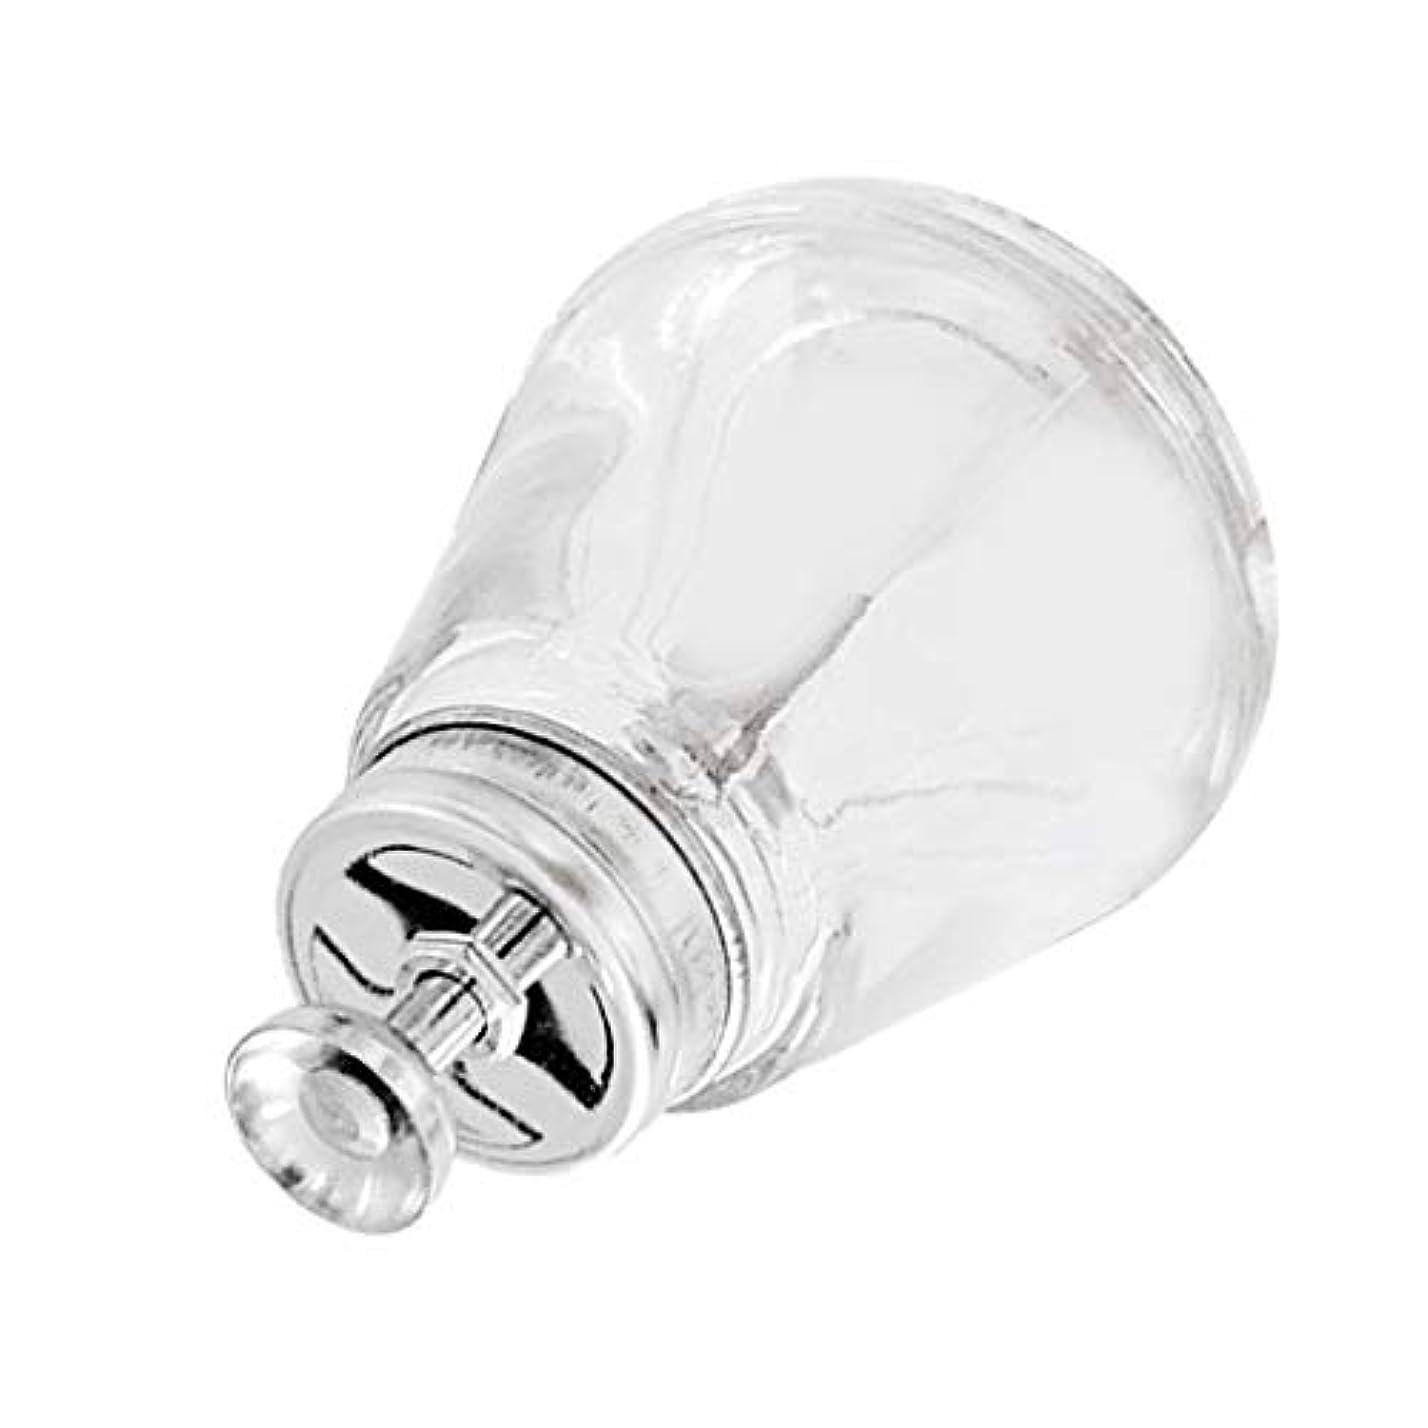 機会ハリウッドメーカーT TOOYFUL ネイルアートツールボトル ガラス瓶 150mL 蓋付き マニキュアリム用 ネイルケア 空ポンプボトル